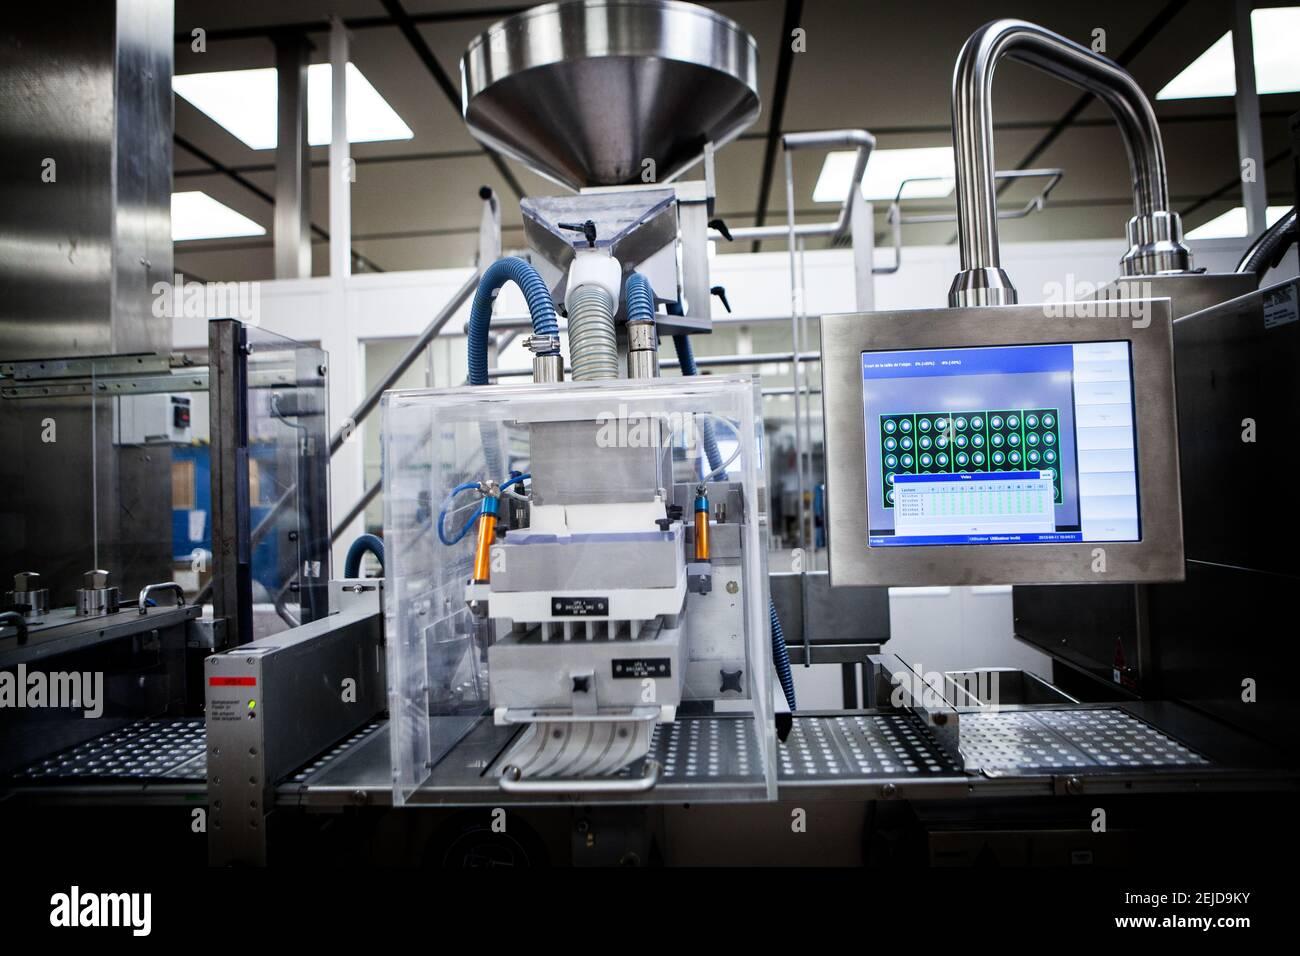 Industrie pharmaceutique spécialisée dans la production de comprimés. Banque D'Images